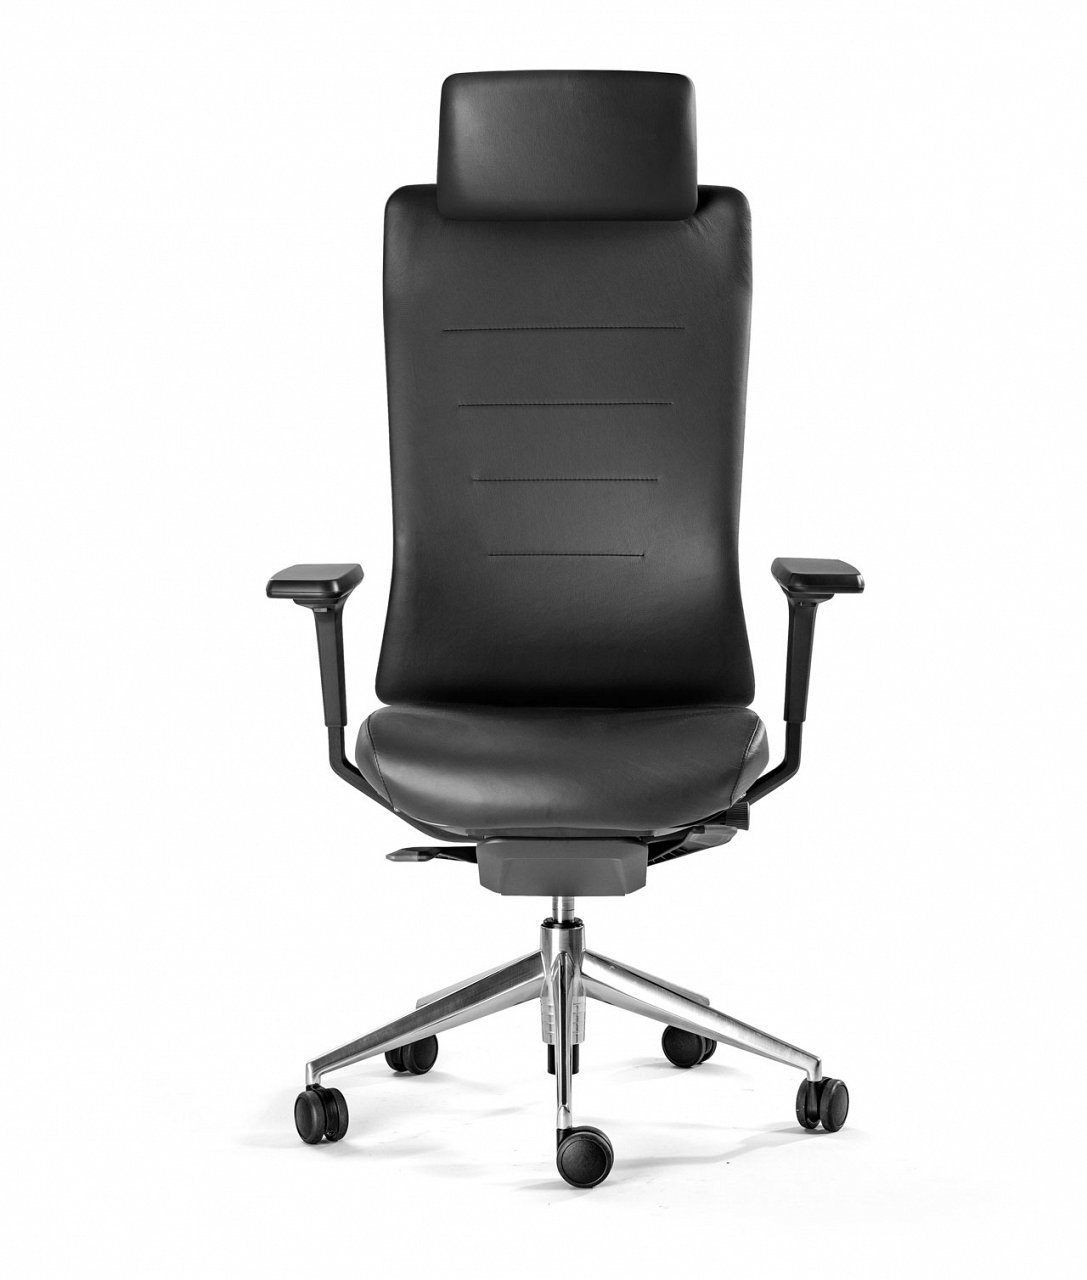 TNK Flex Chair office from Actiu